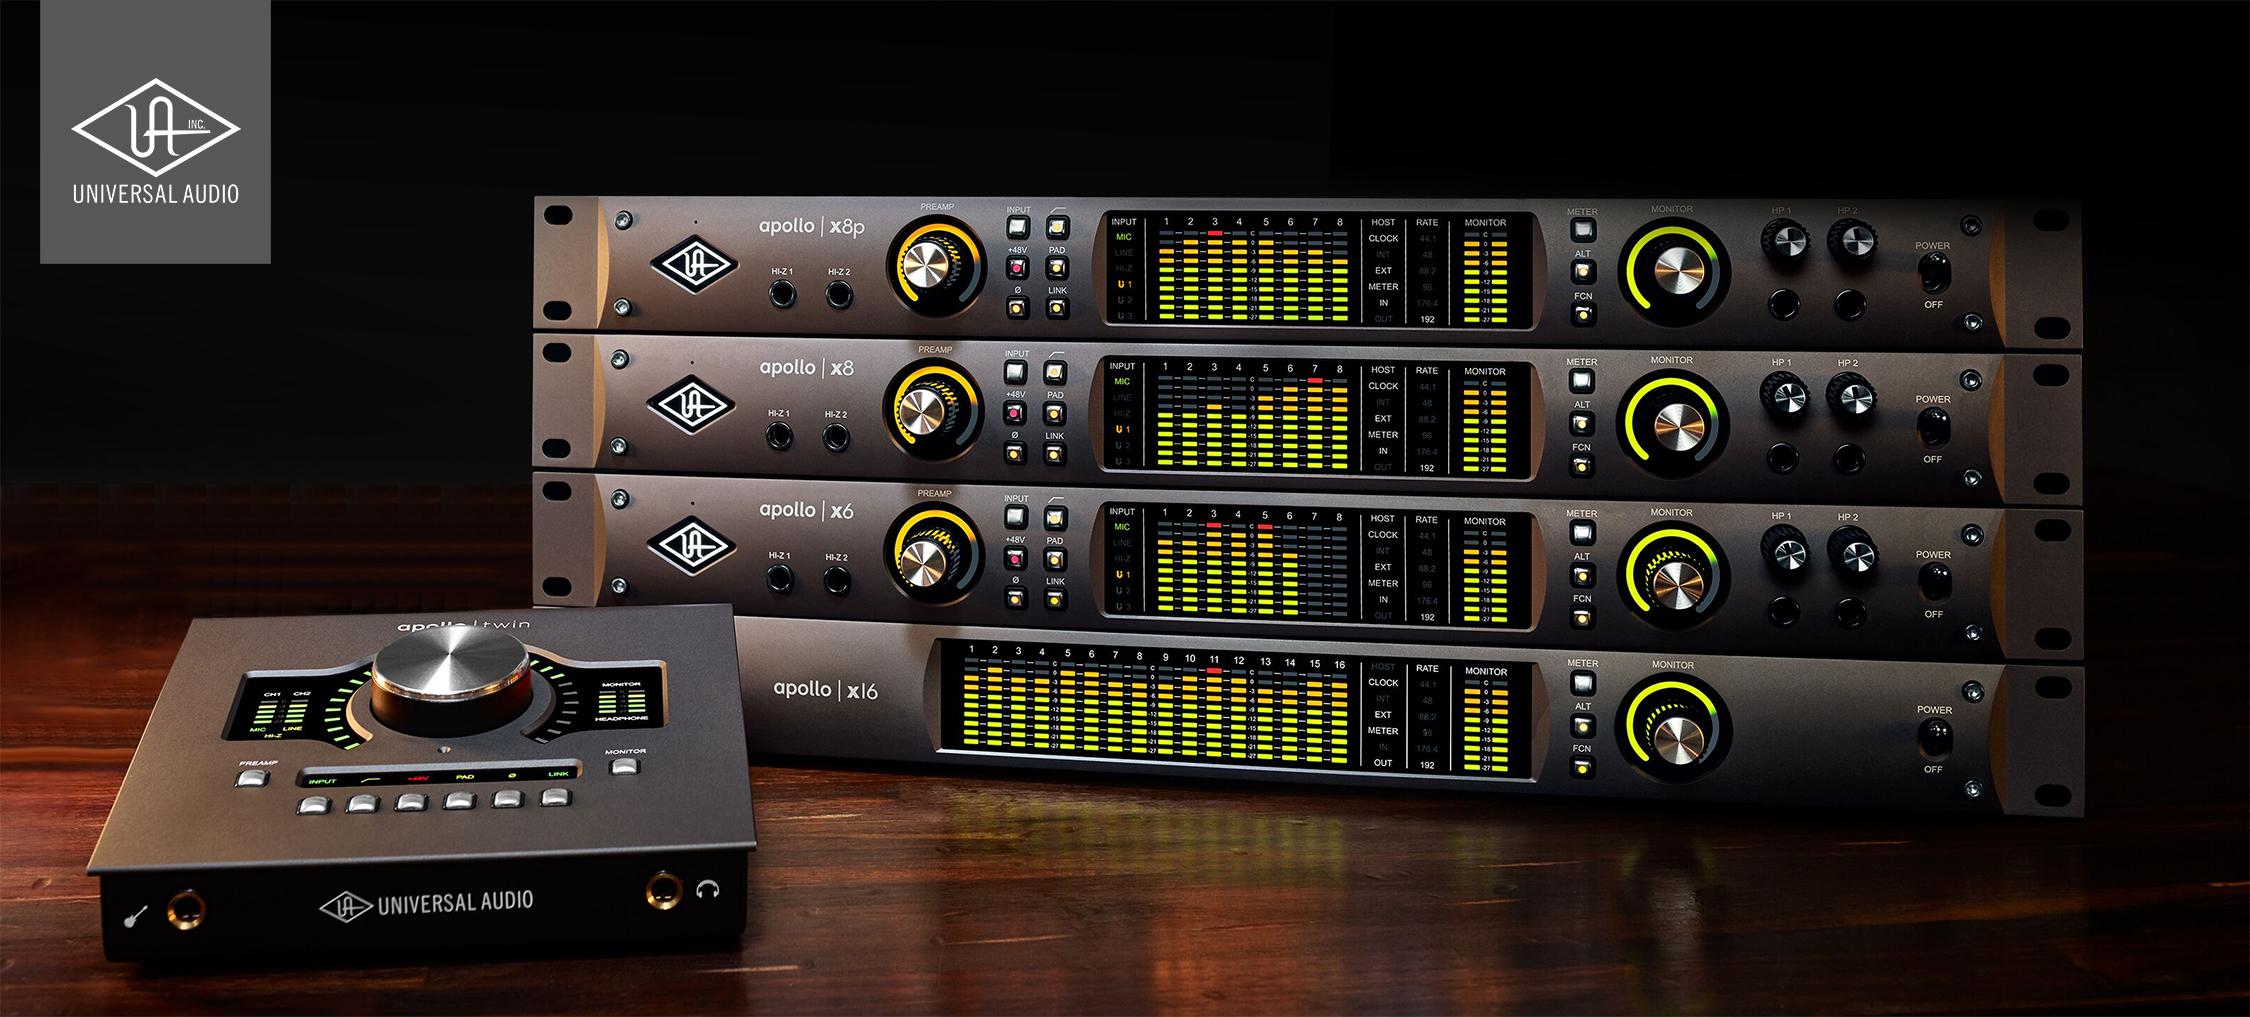 Universal Audio kampanj – Äger du en Apollo X? Köp ytterligare Apollo och få upp till 10 plug-ins utan extra kostnad